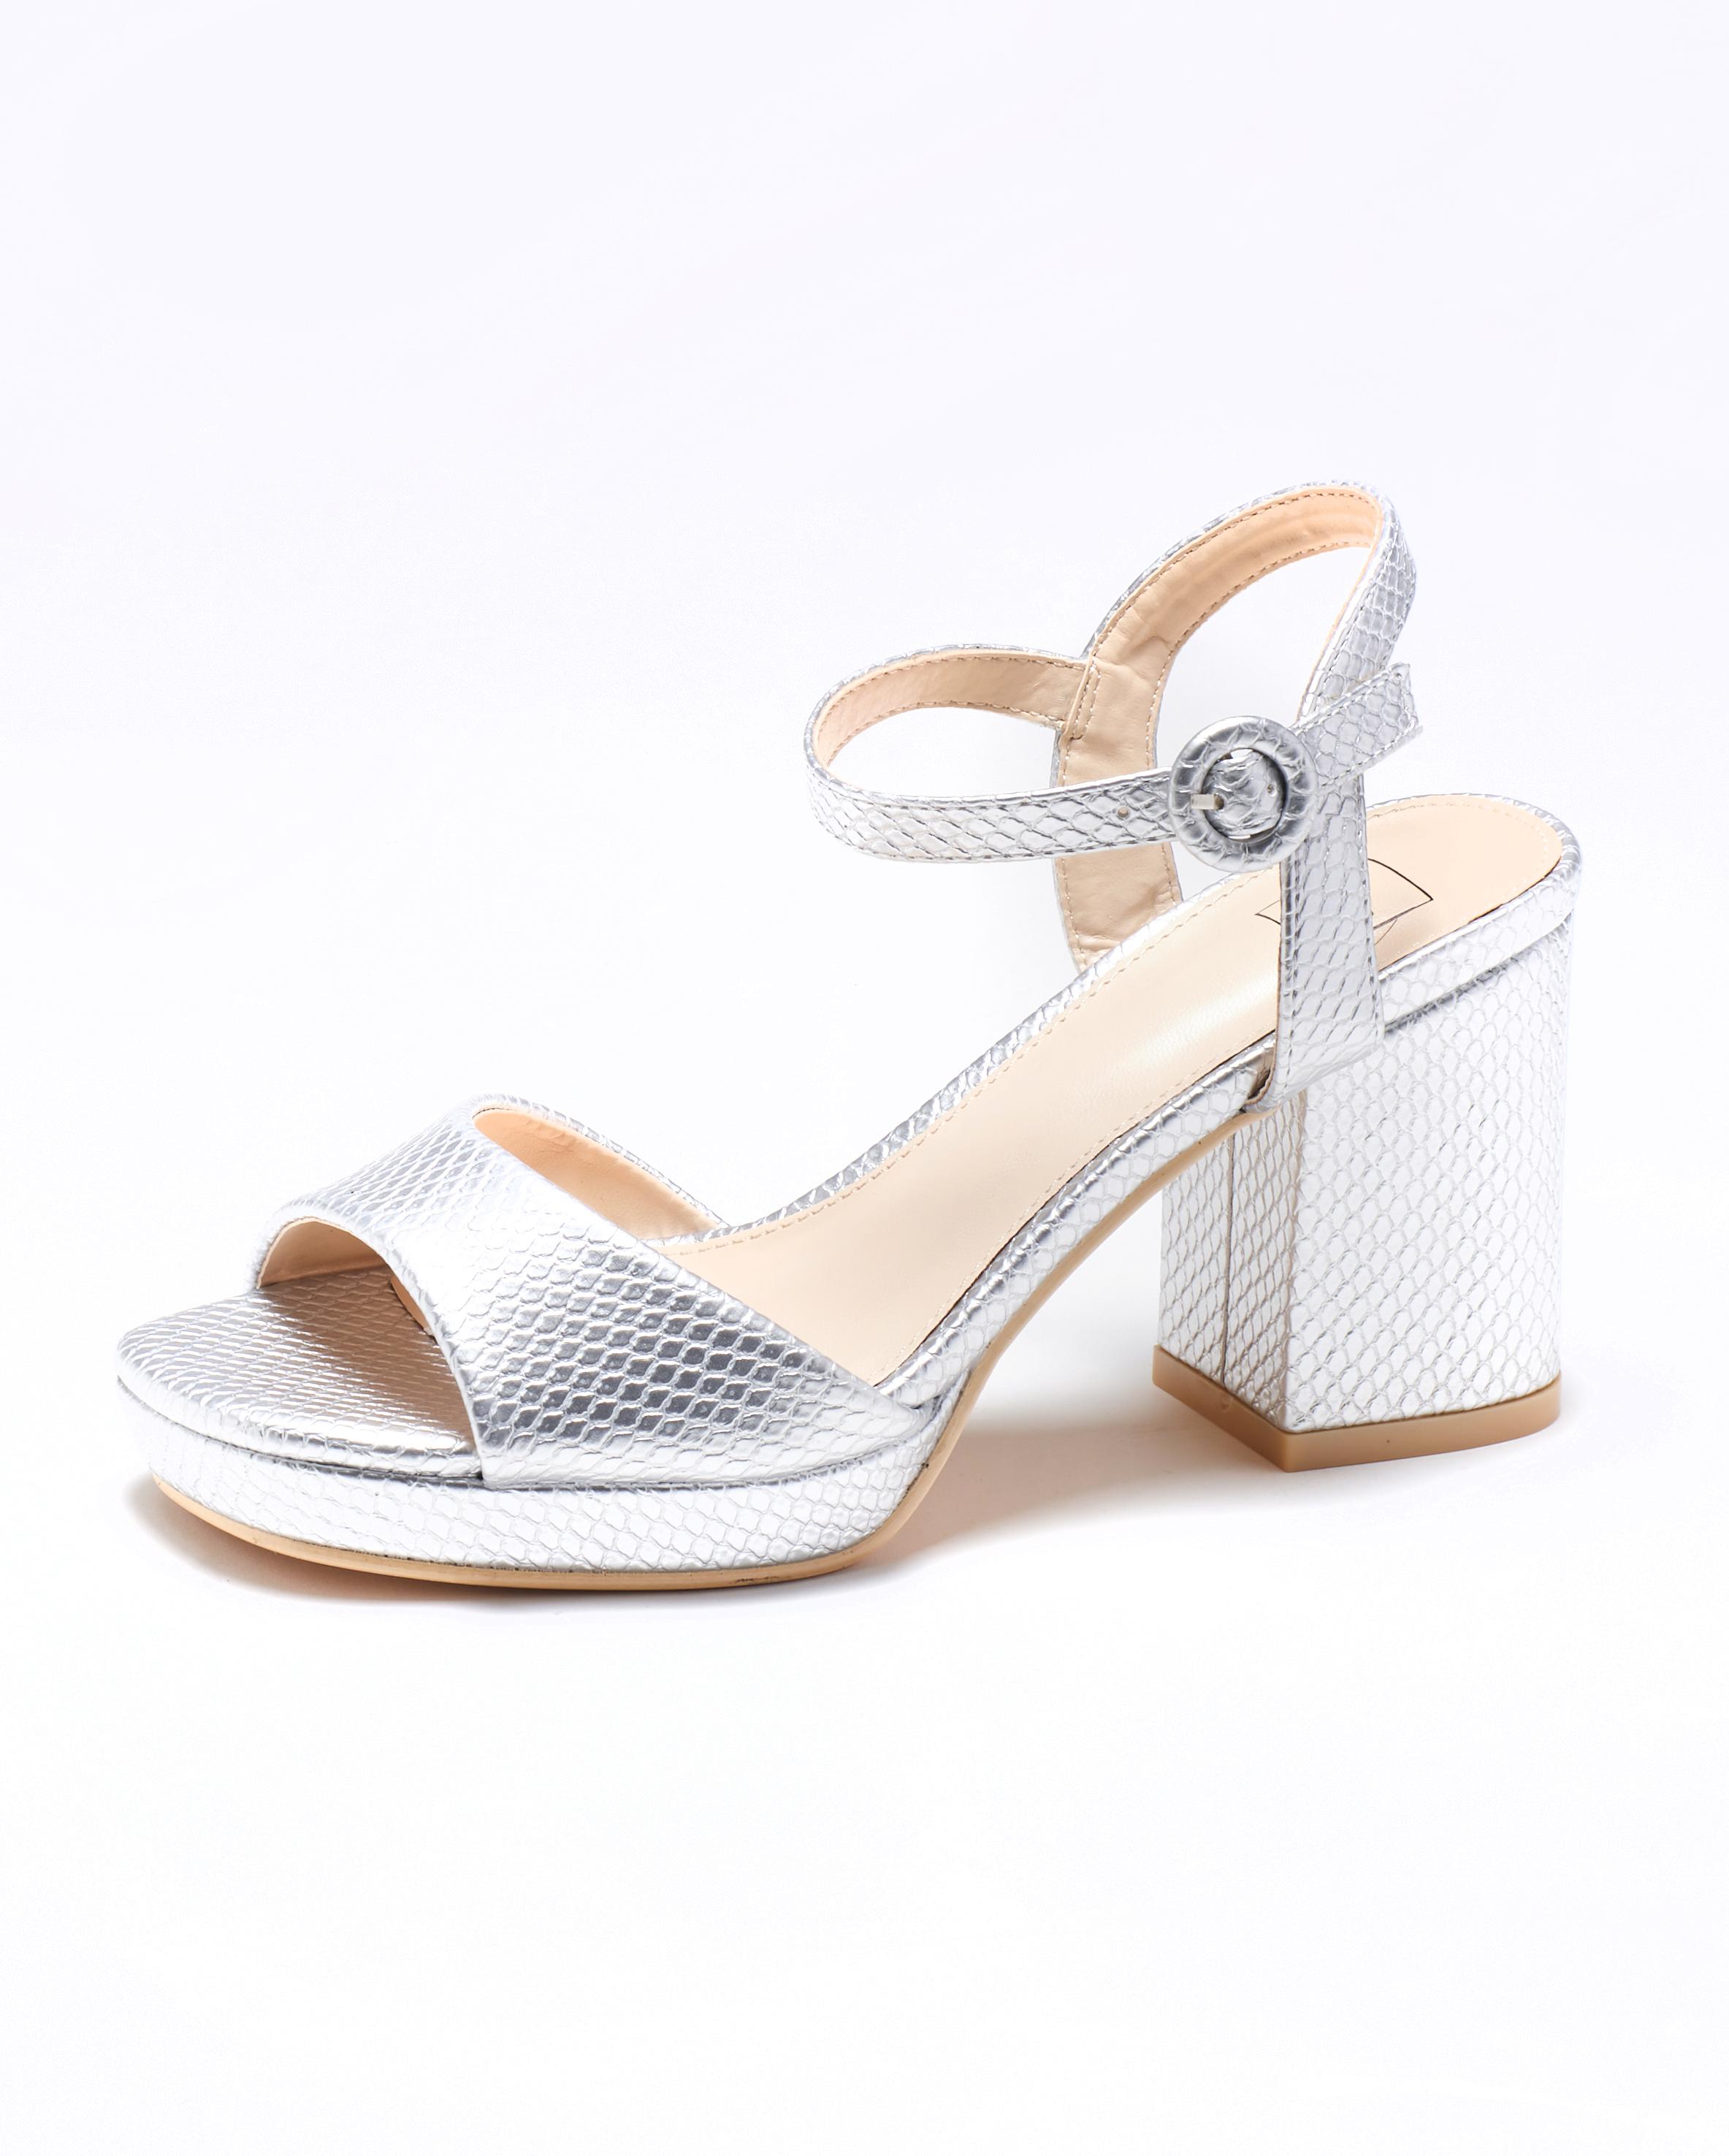 Sandales À Talons Femme - Sandale Talon Decrochee Argent Jina - M3-889300-16